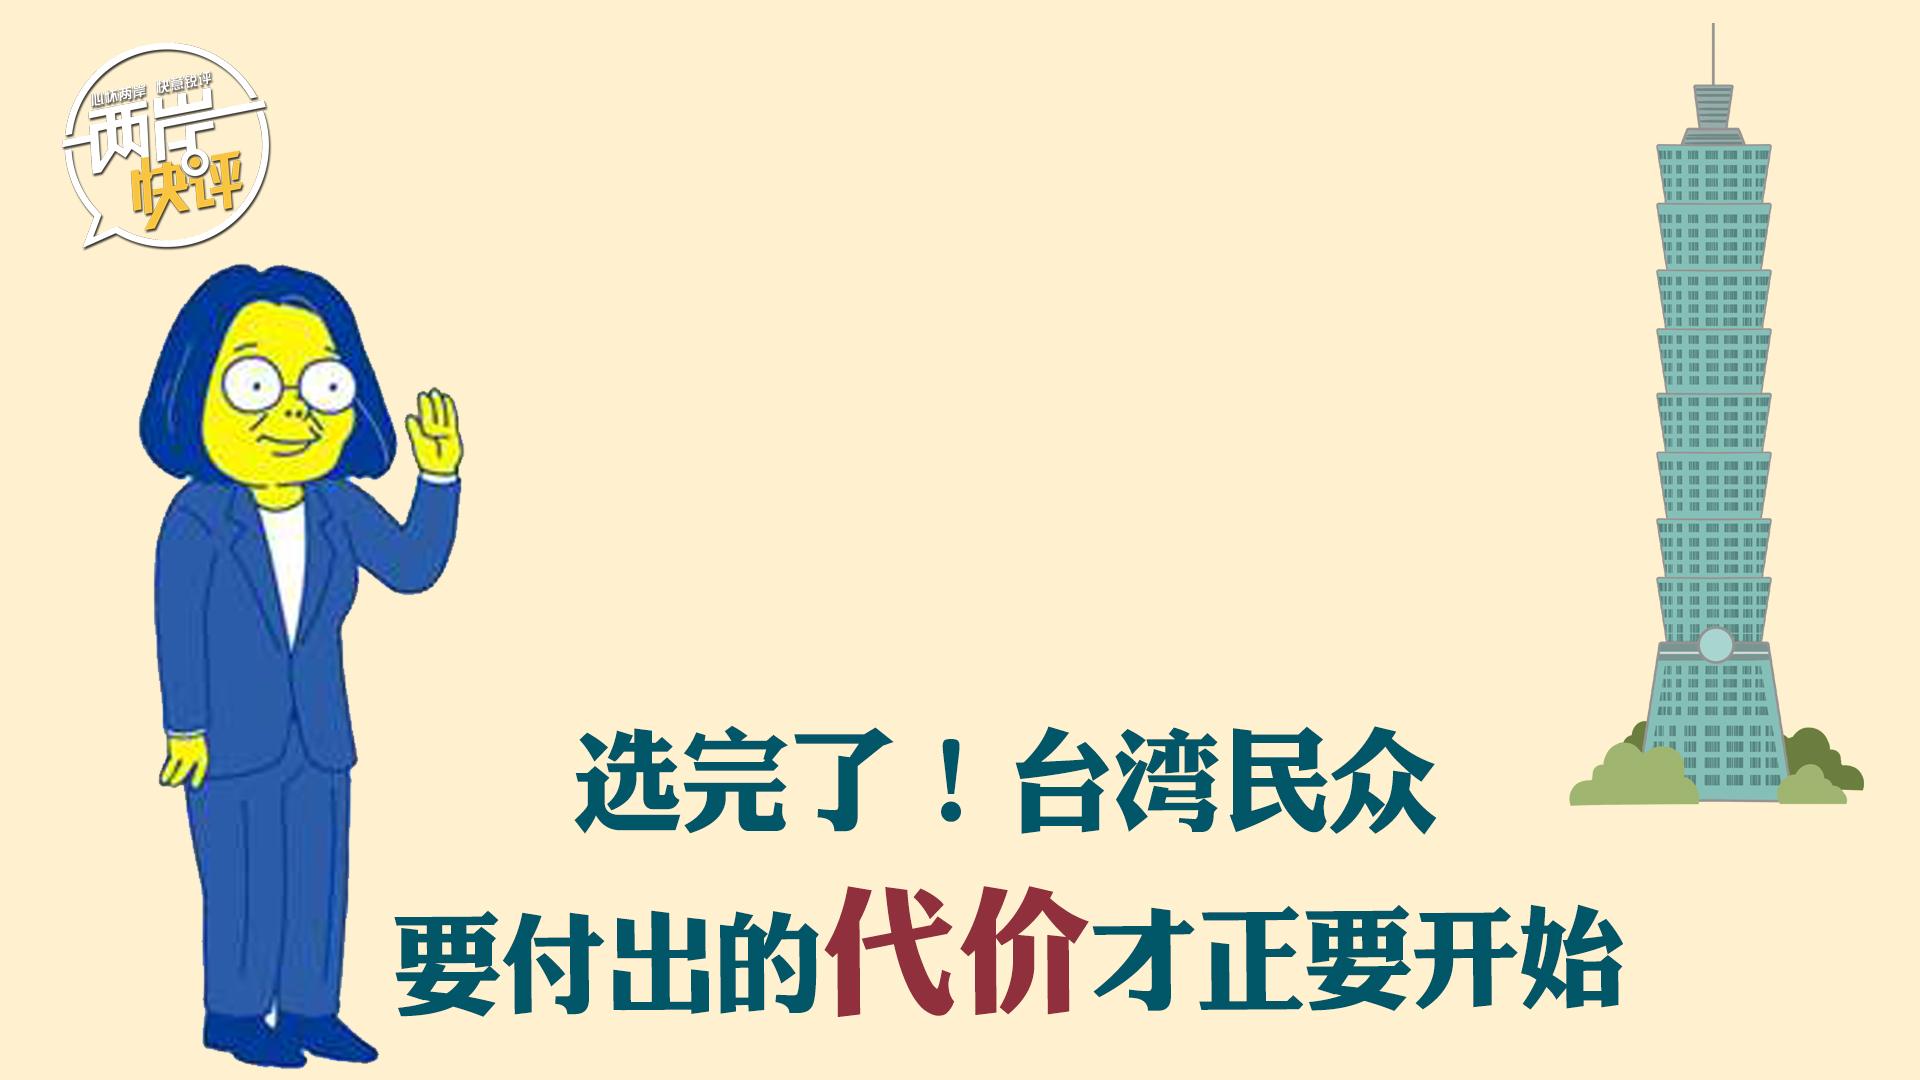 """一旦台湾只剩下""""反中""""两岸关系的前景更可能是硝烟"""